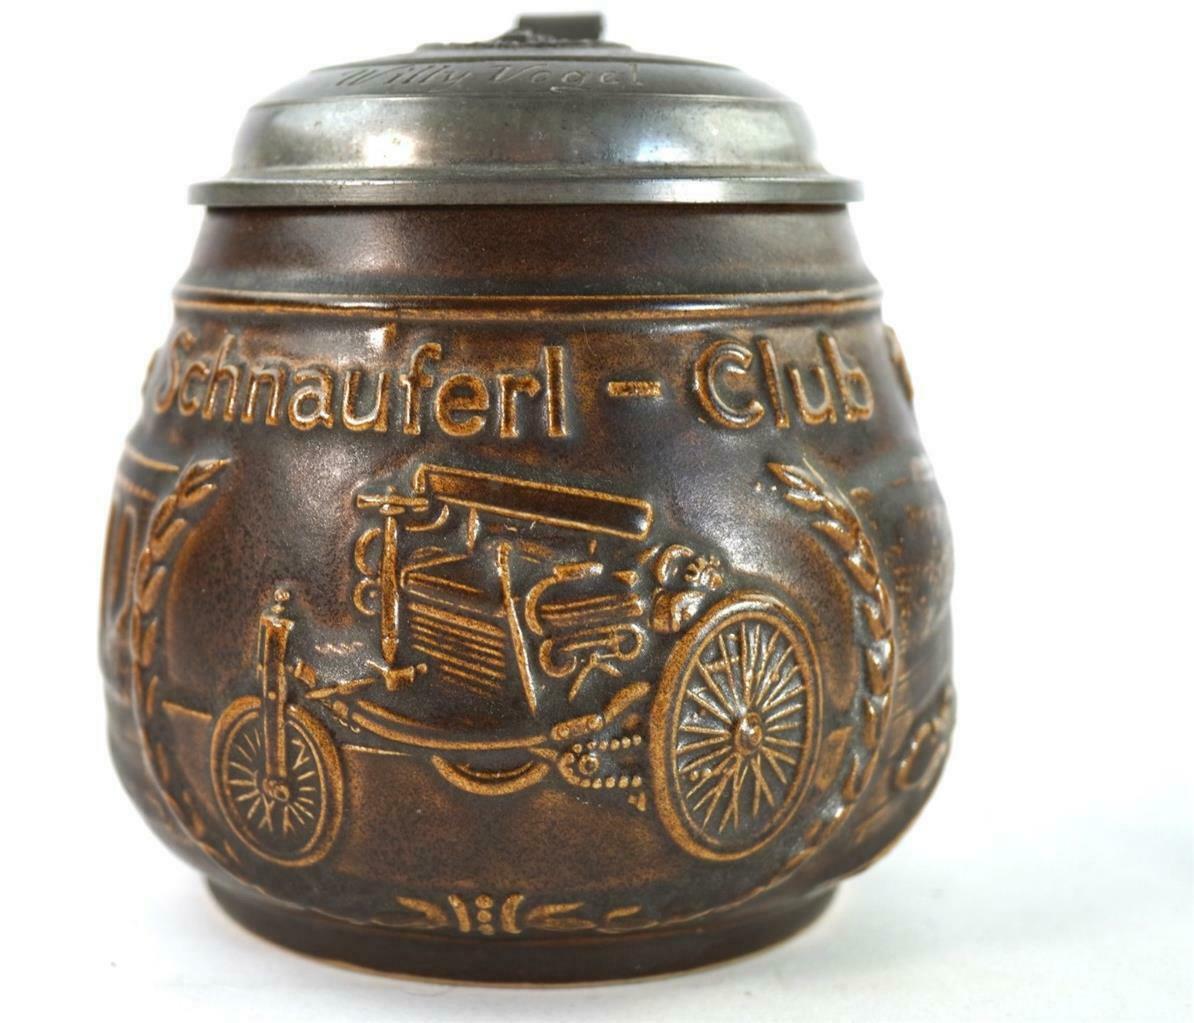 Der Benzsche Patentwagen Nr.1 auf dem Krug